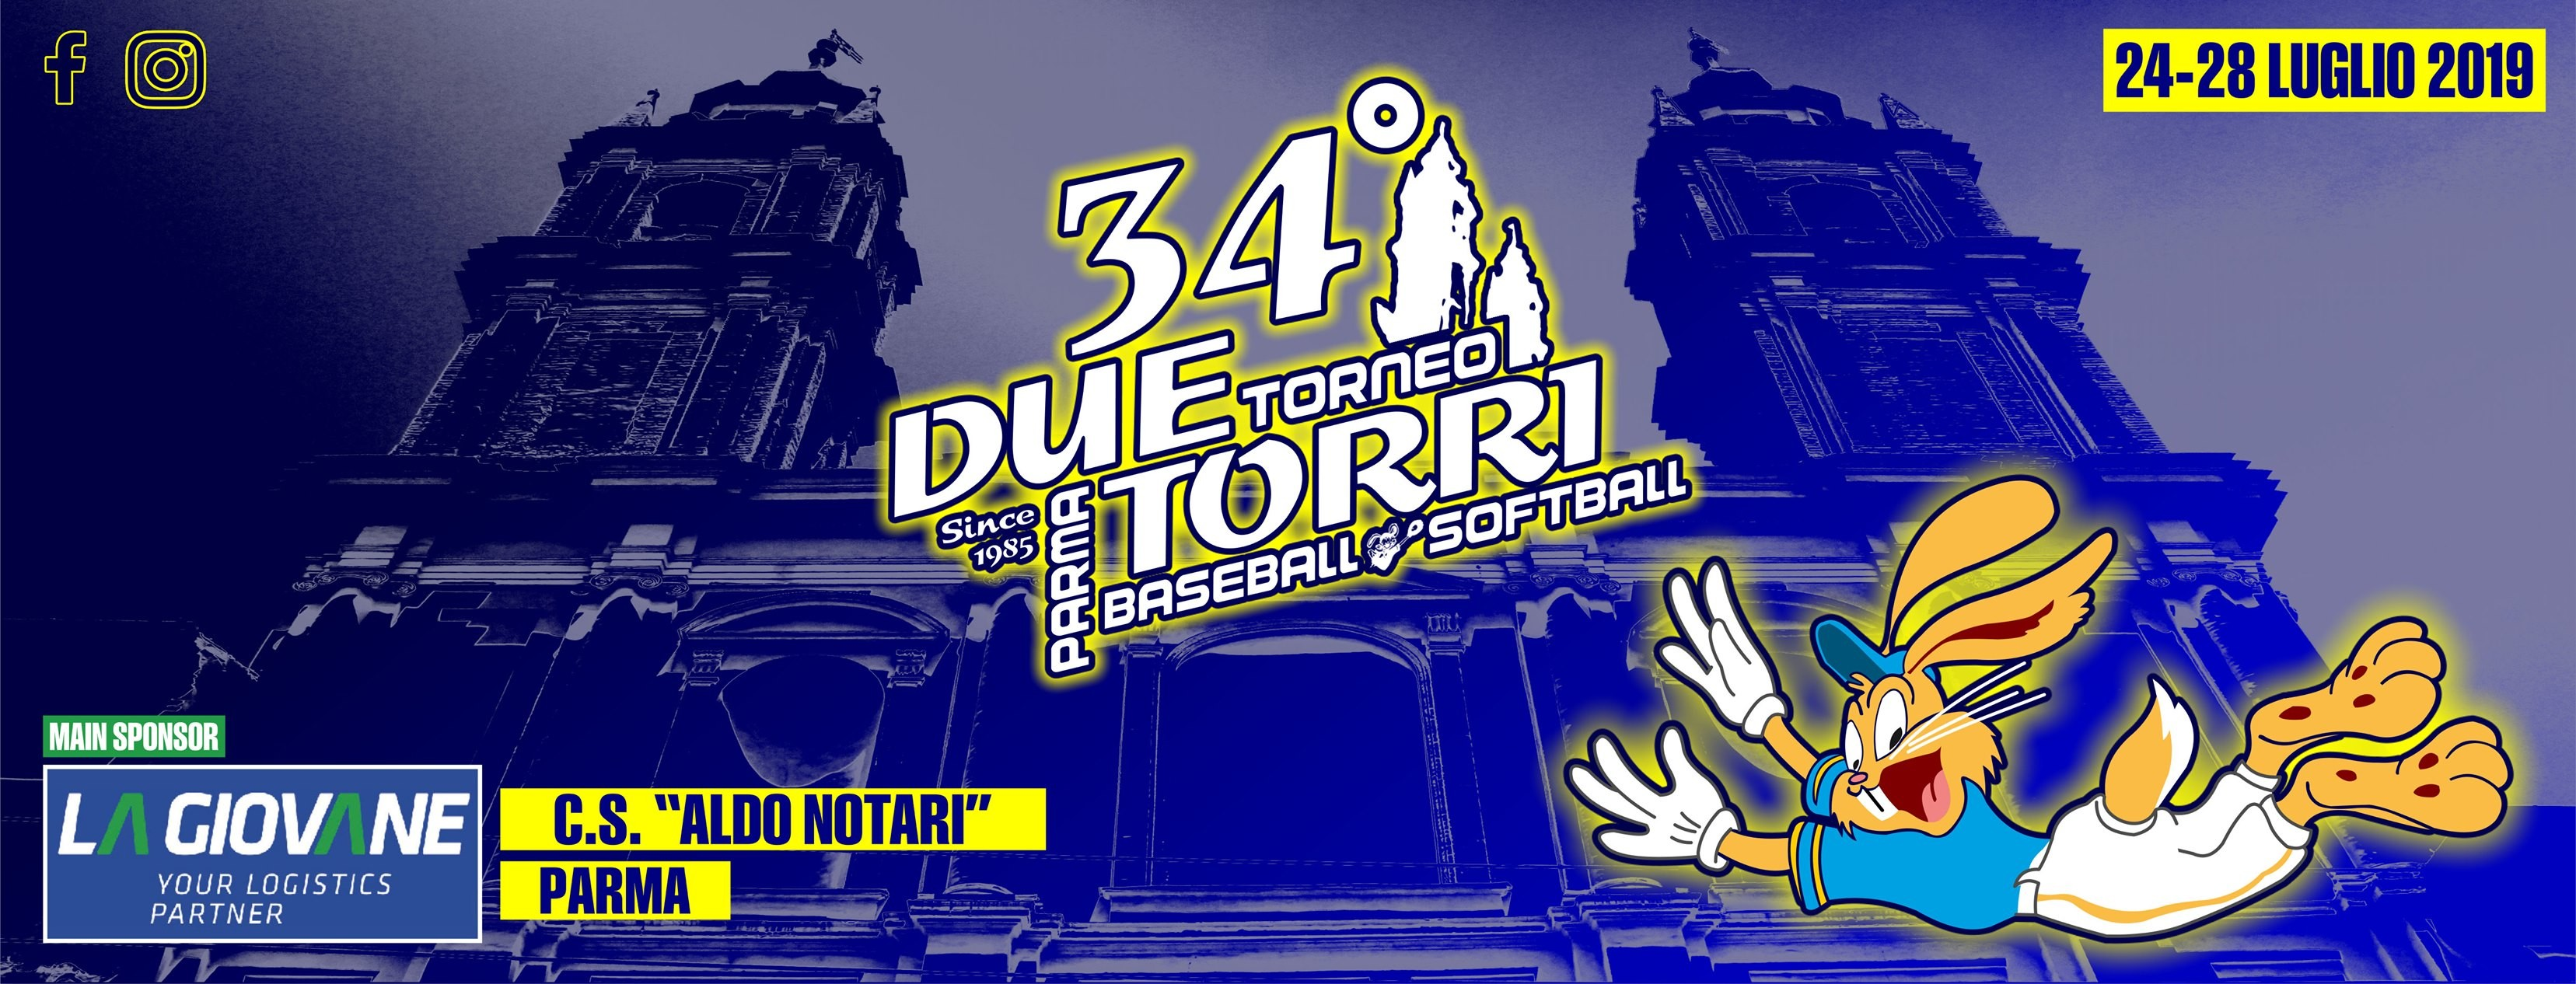 """Torneo """"Due Torri""""! 🎉 Cinque giorni di baseball, softball, cibo e musica per tutti!"""